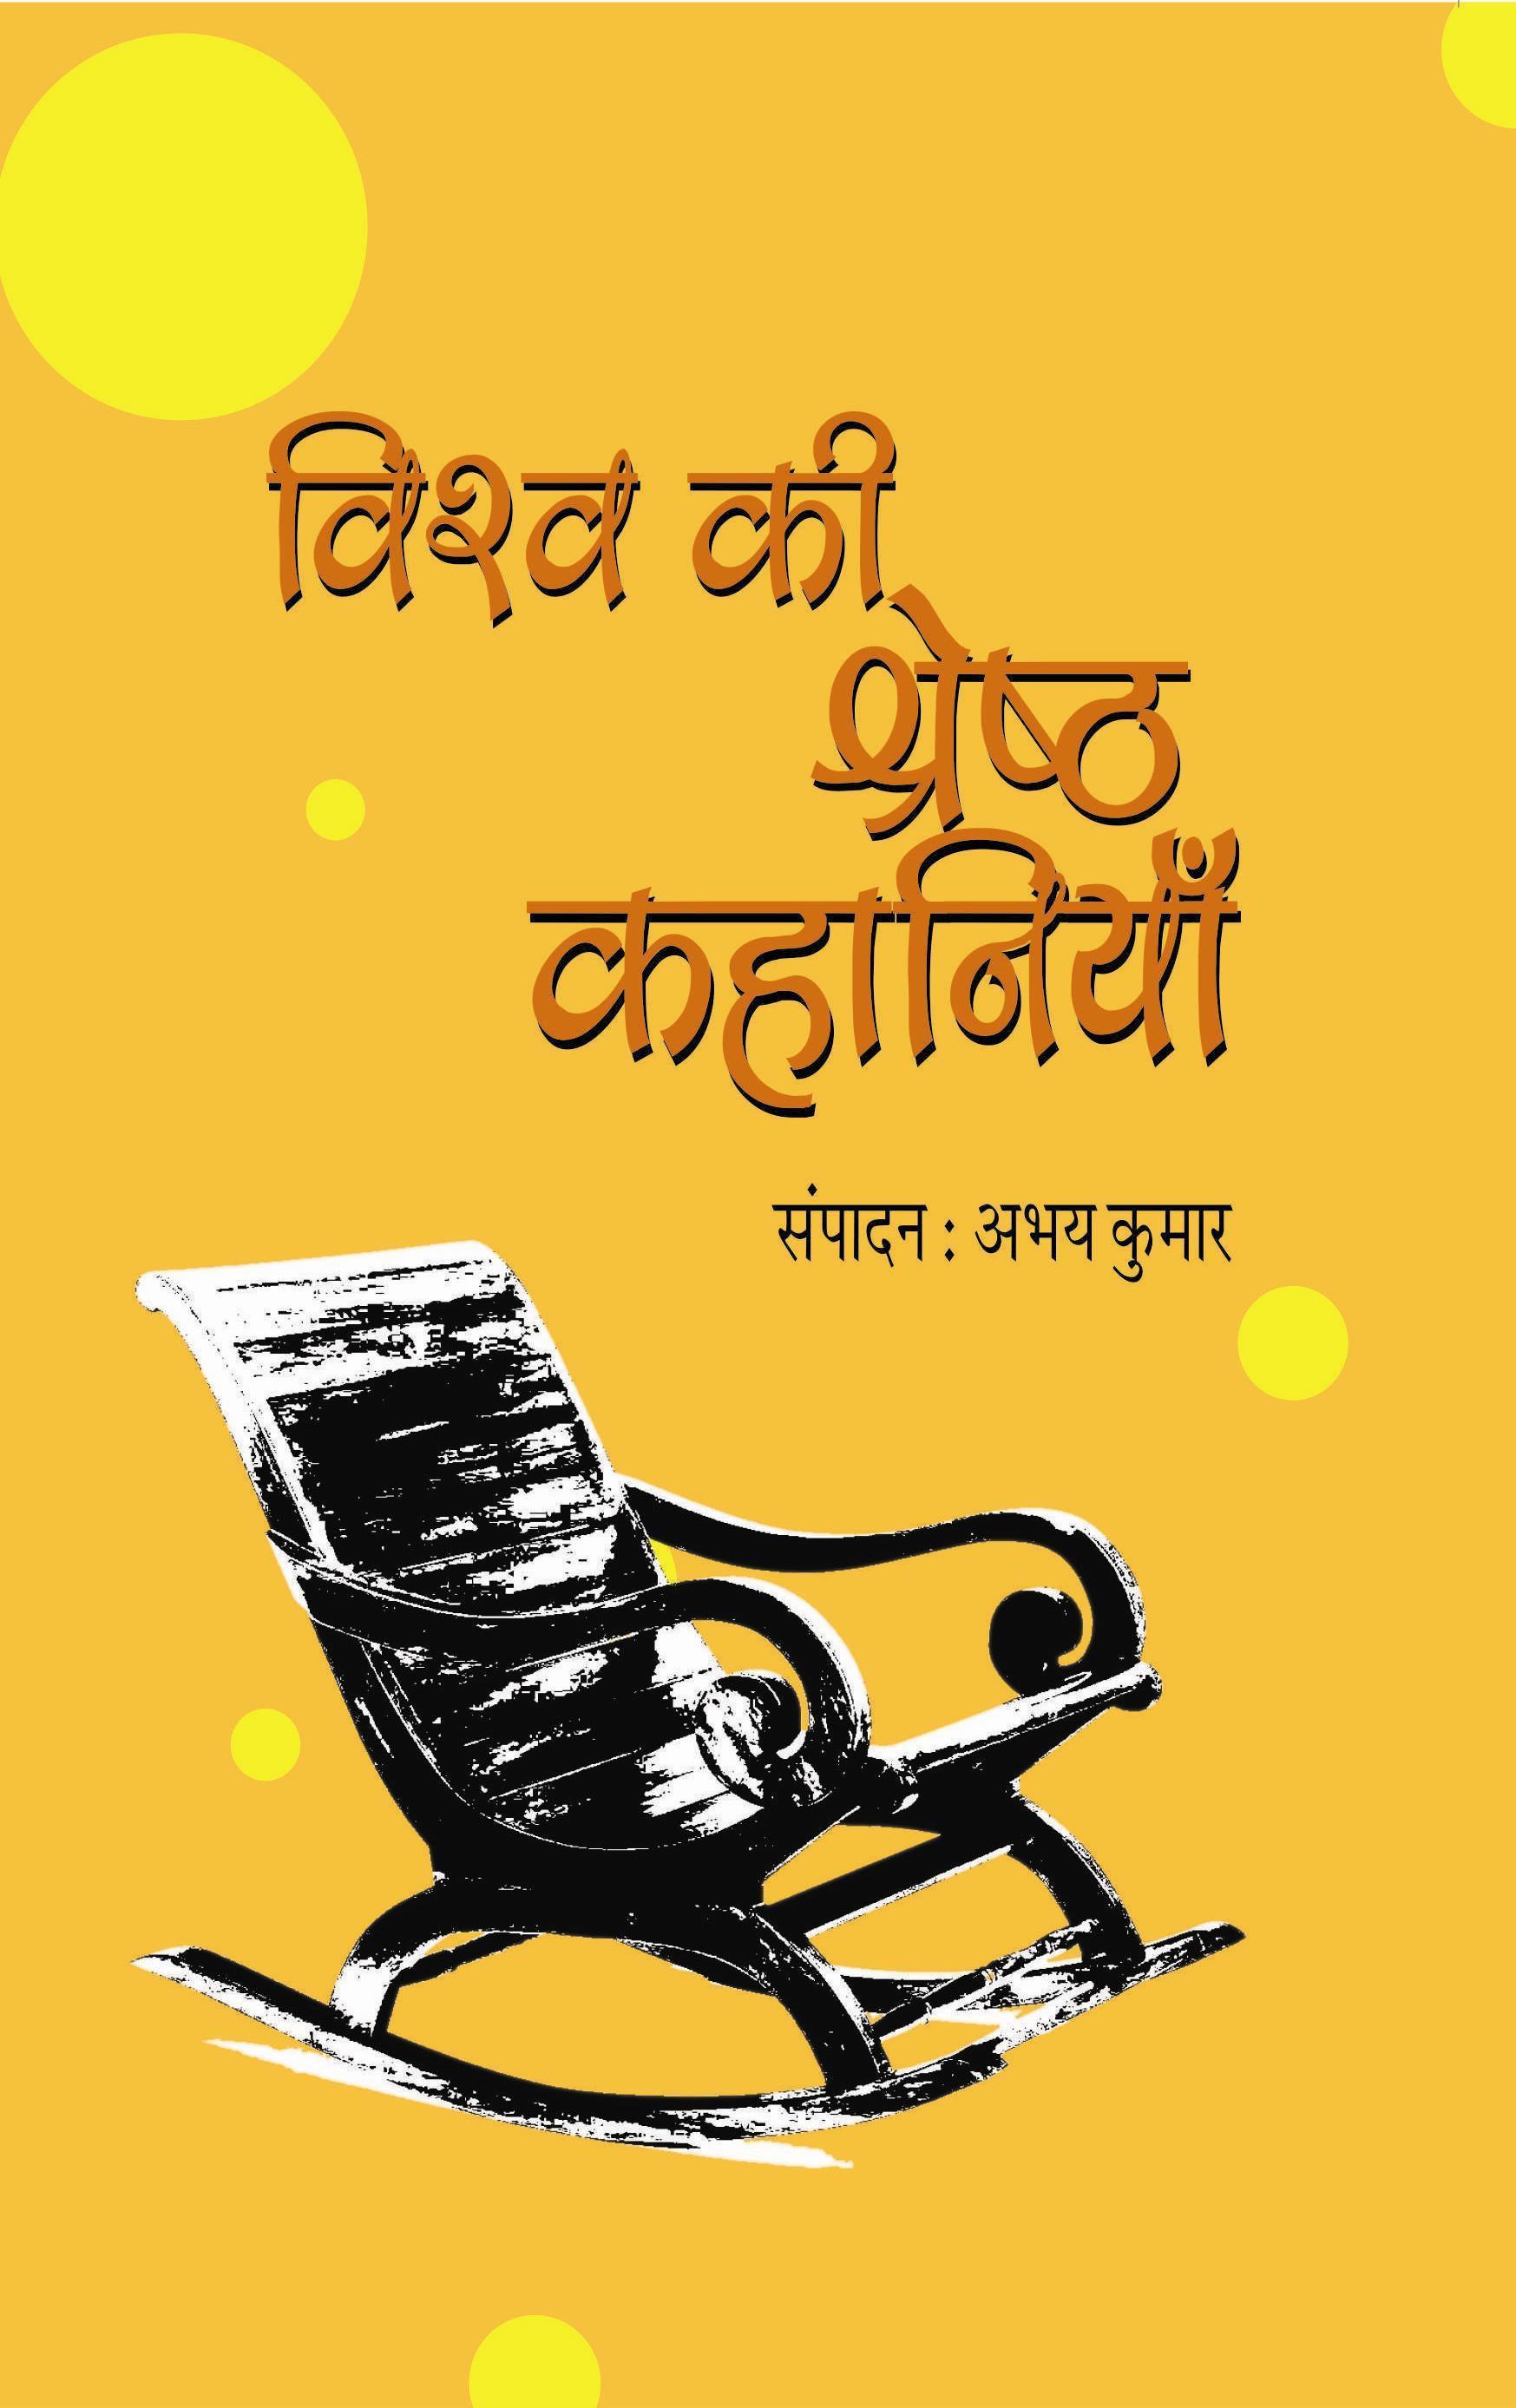 naitikta in hindi पैराडाइज पेपर्स क्या है व इसमे किन भारतियों के नाम शामिल |  what is paradise papers and indians named in release in hindi - november 24,.